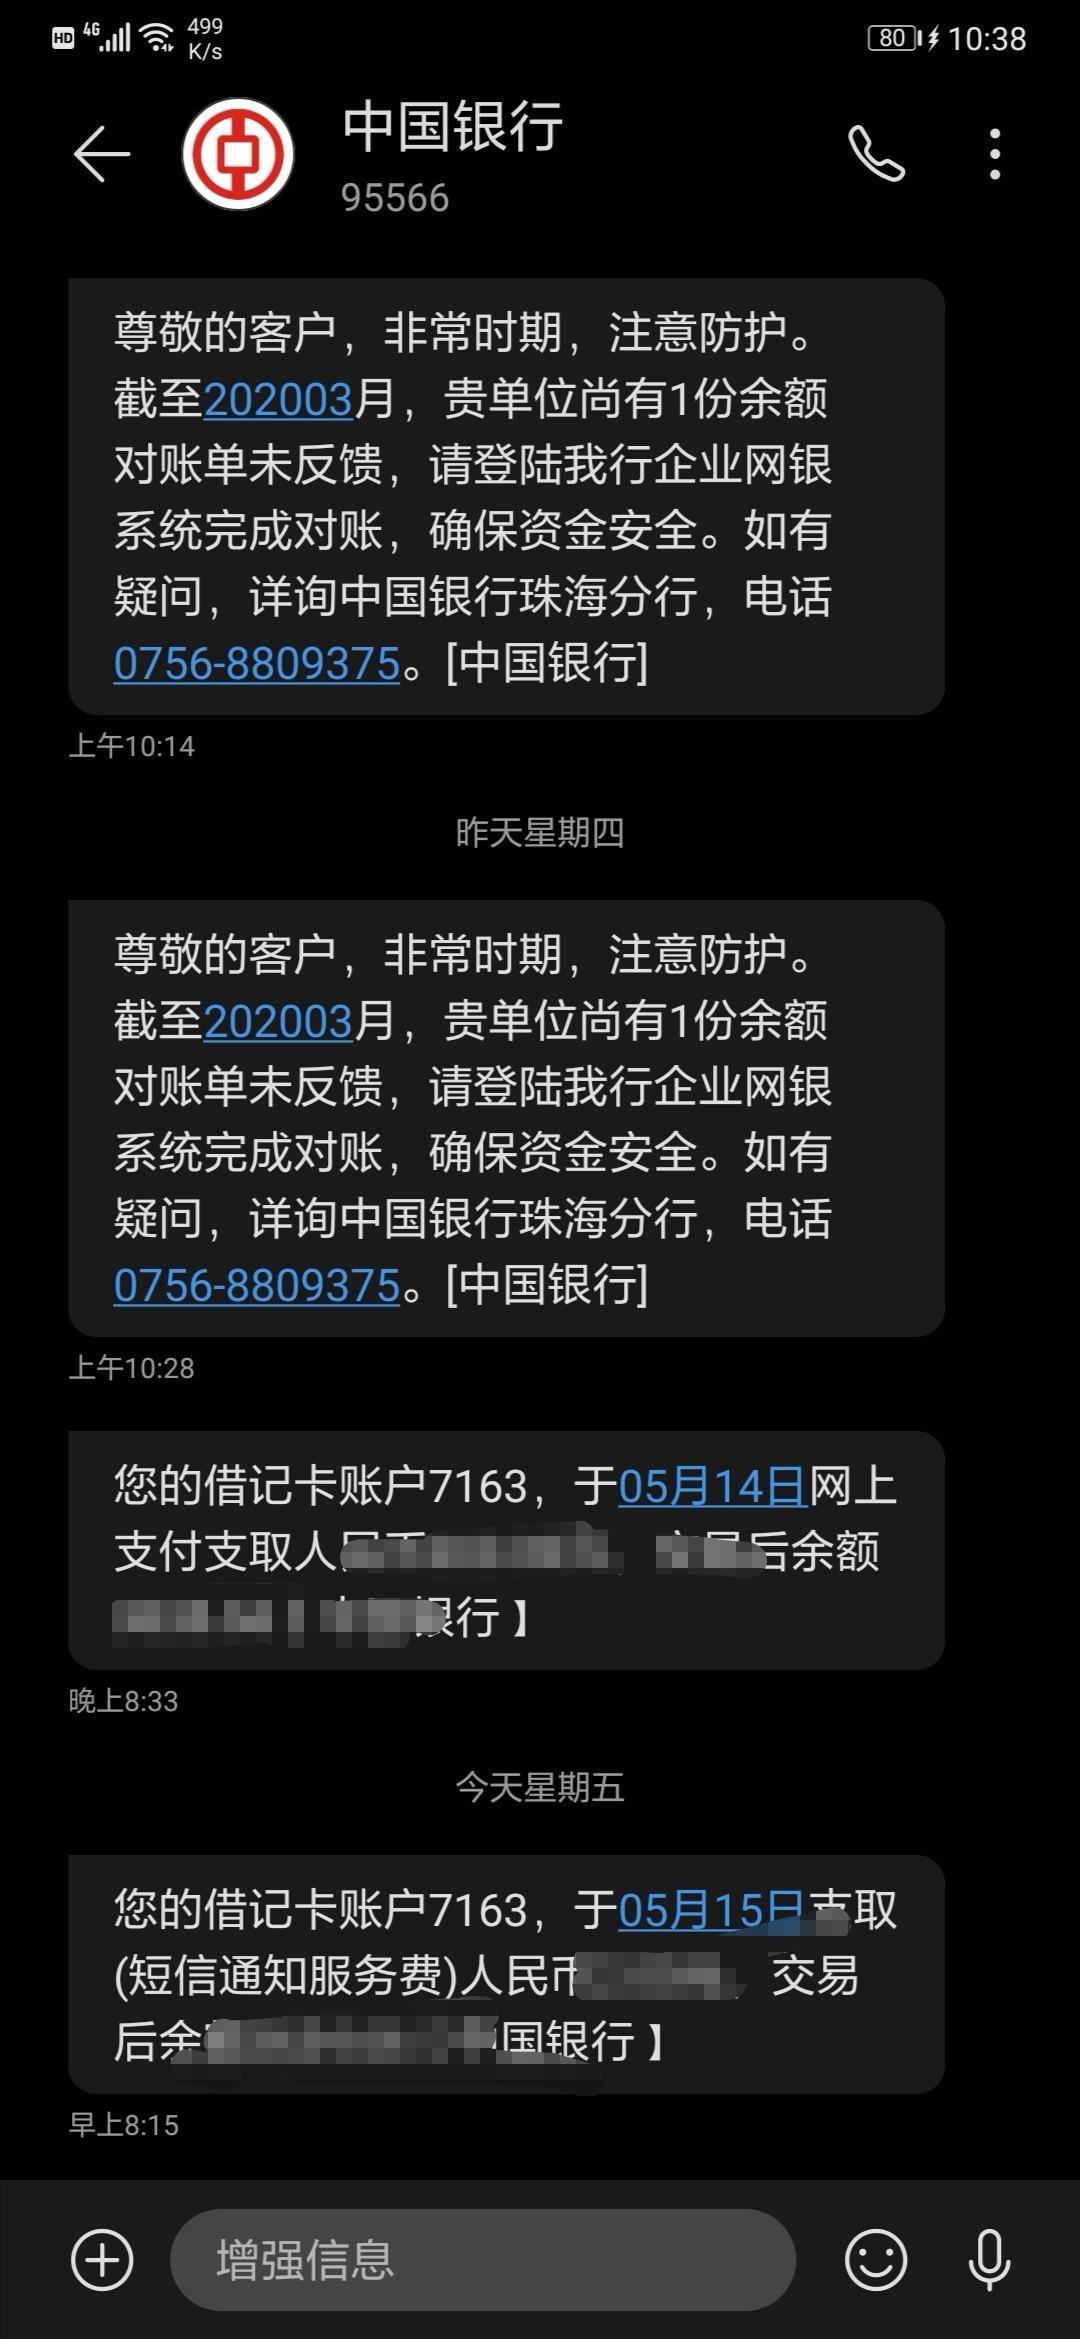 Screenshot_20200515_104004.jpg